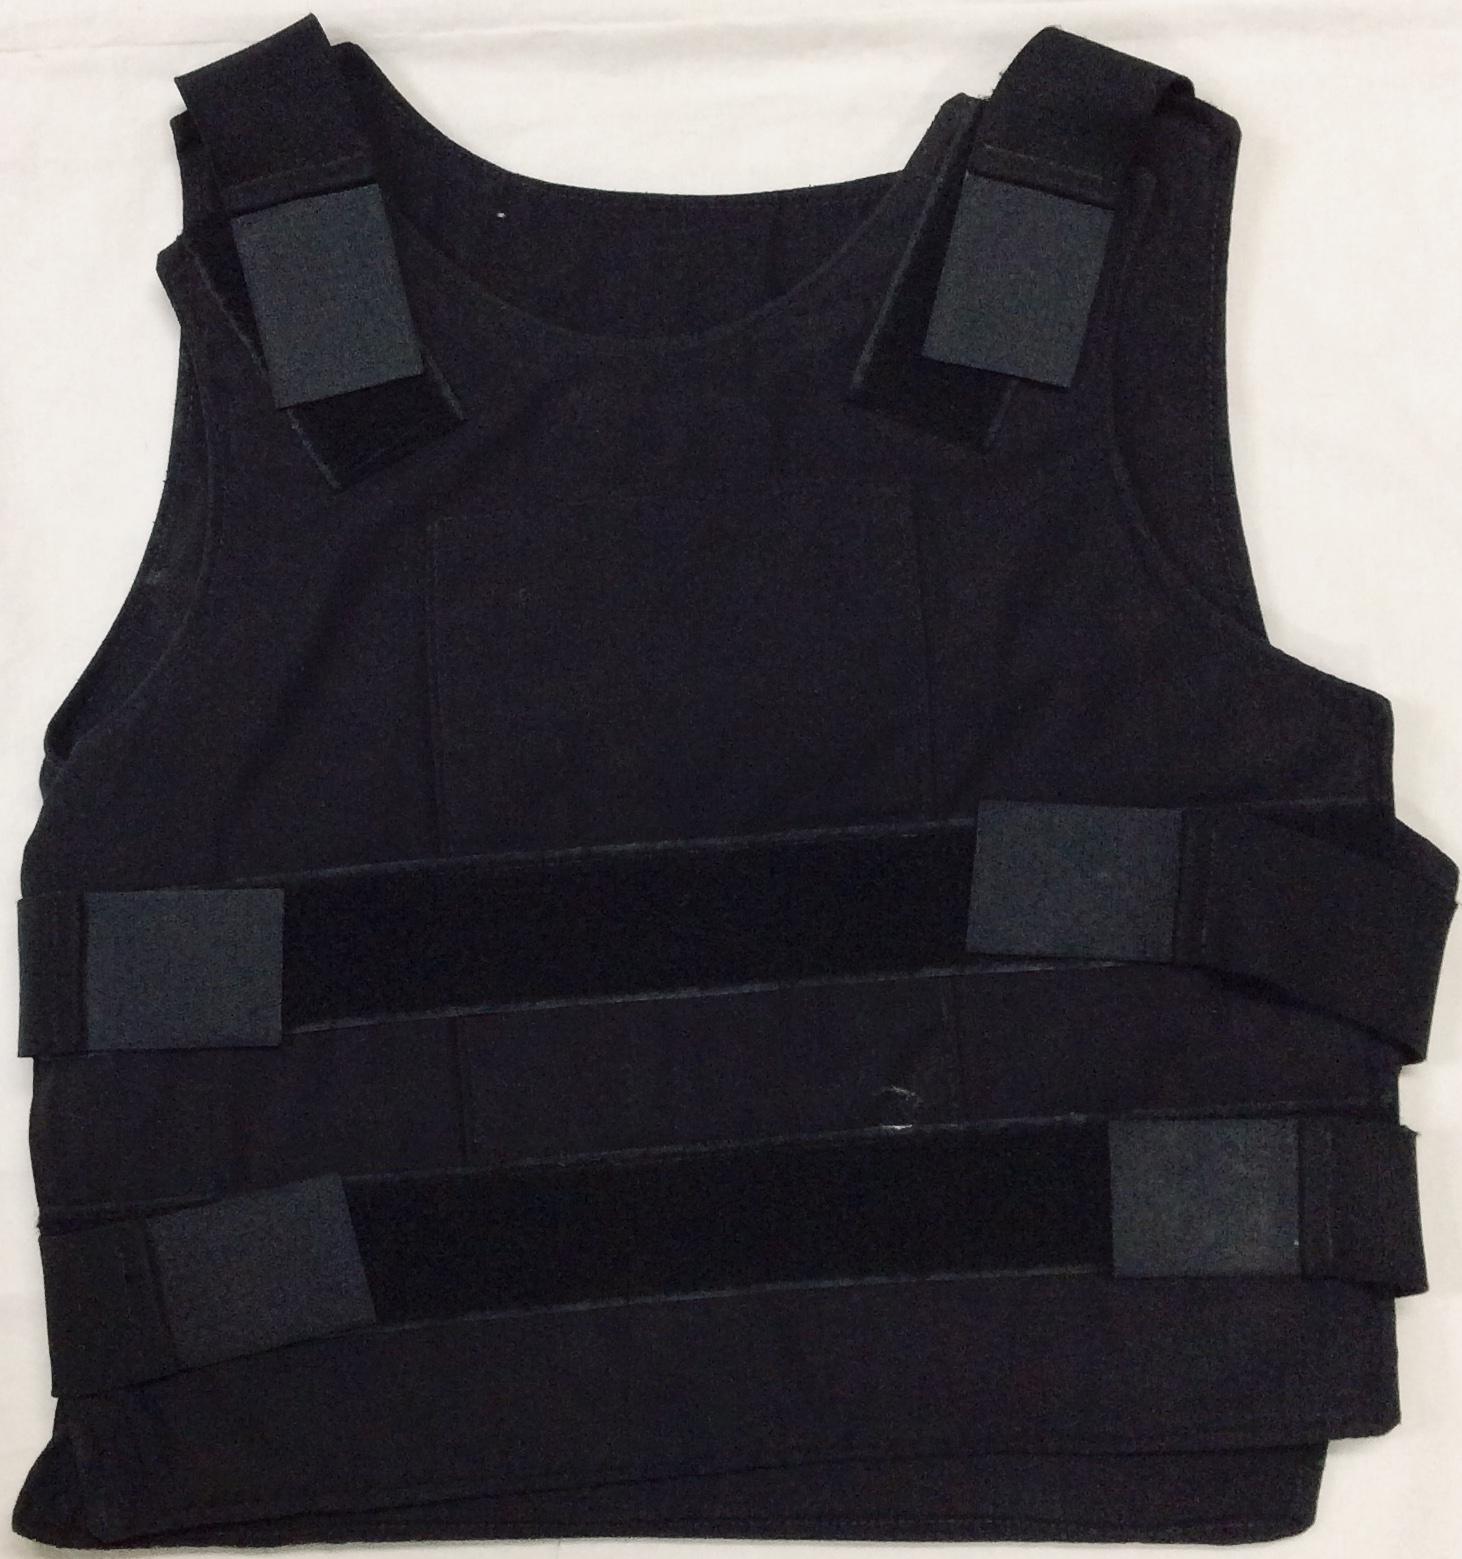 Black kevlar police vest